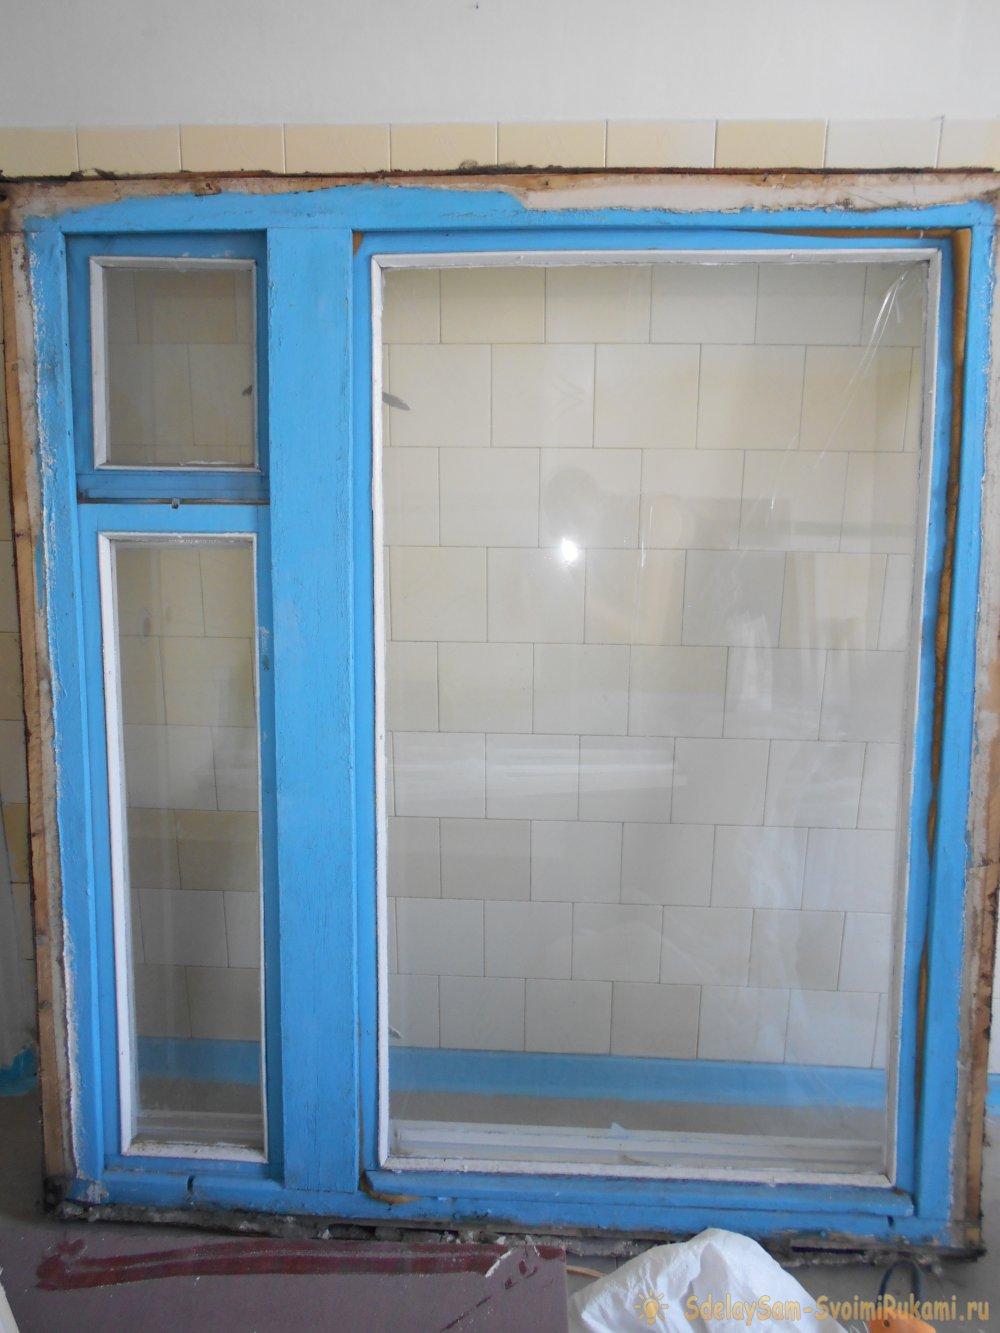 Пластиковые окна монтаж своими руками